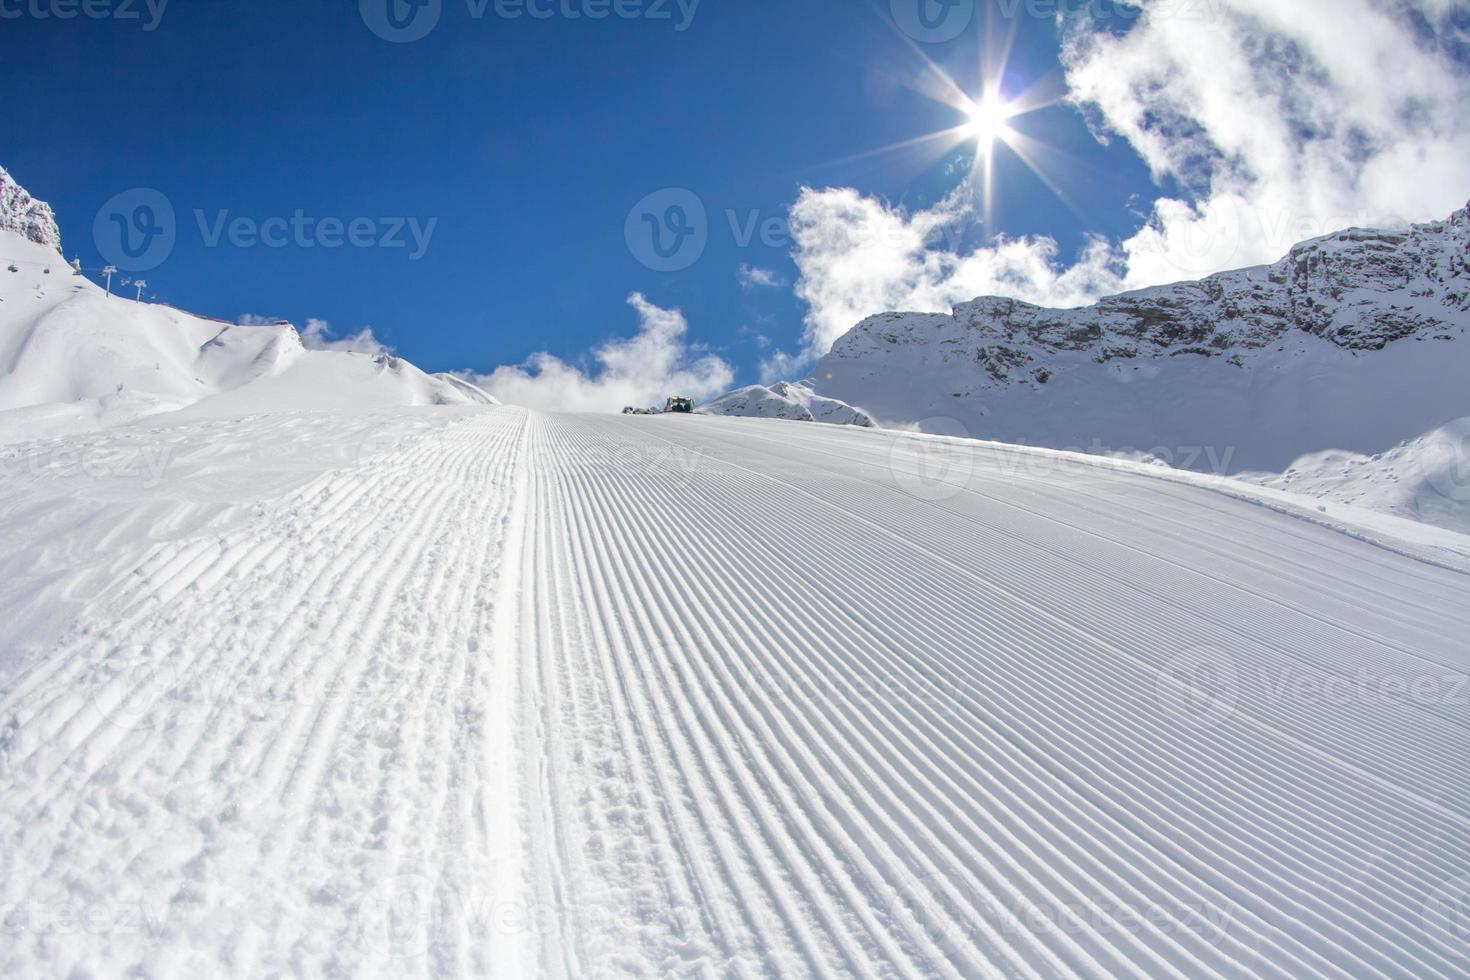 pista de esqui perfeitamente preparada foto